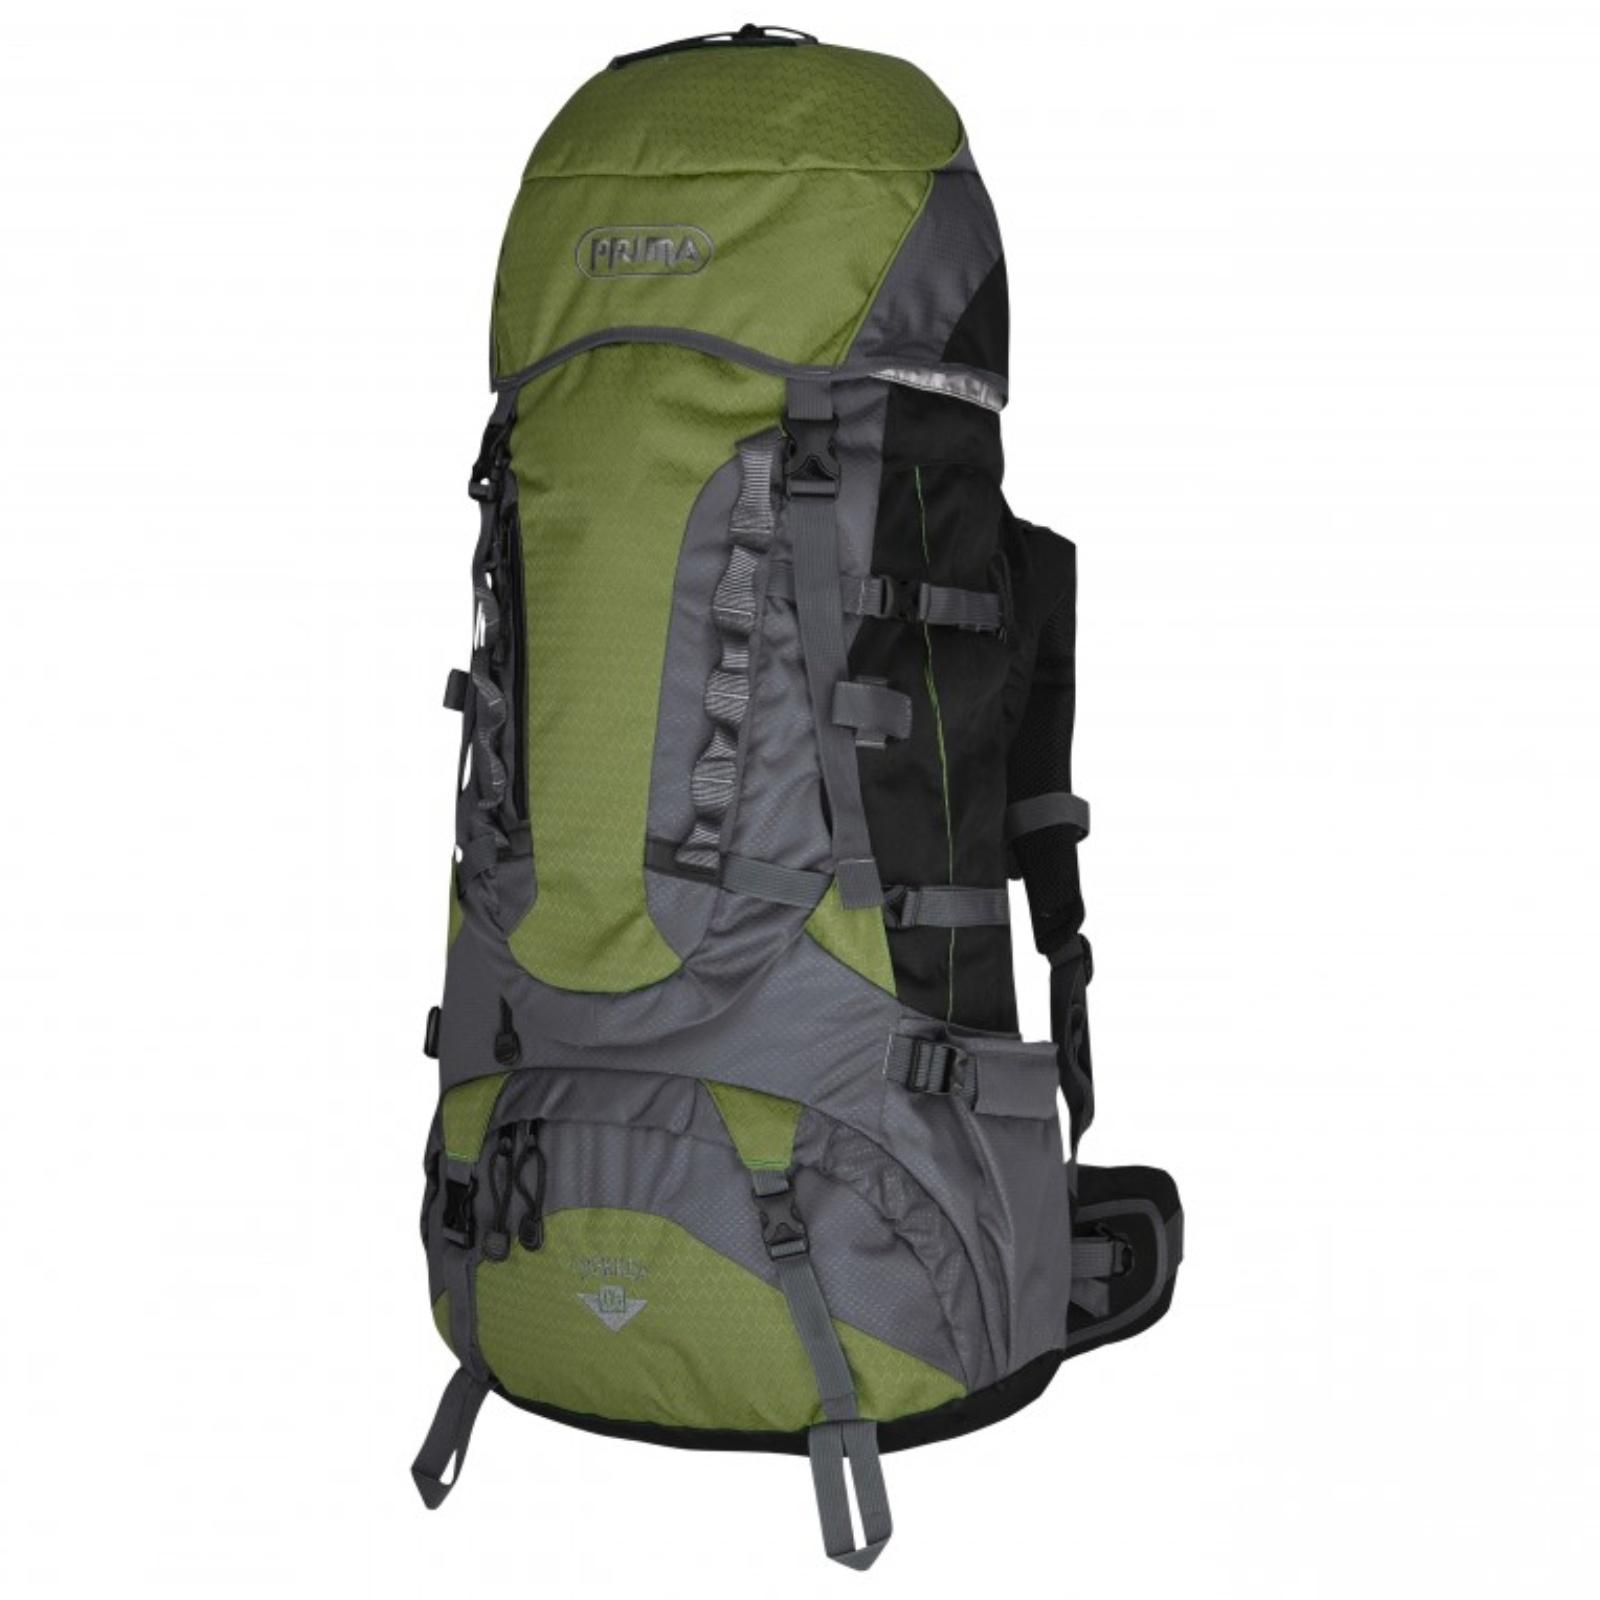 Batoh PRIMA Trekker 75 - zelený